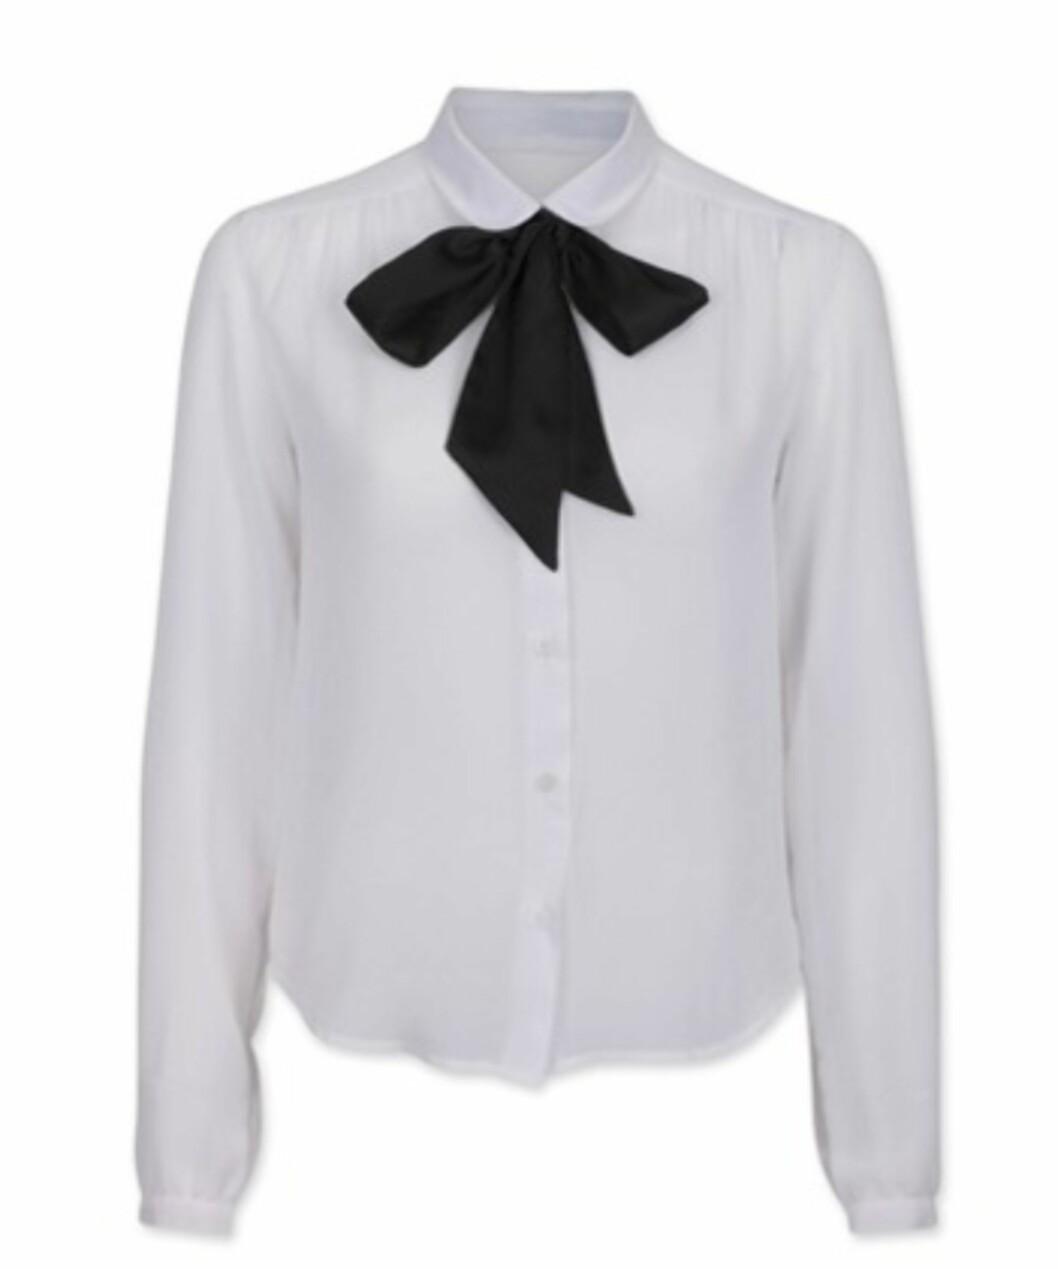 Snuppete bluse med sløyfe (kr.299/BikBok). Foto: Produsenten